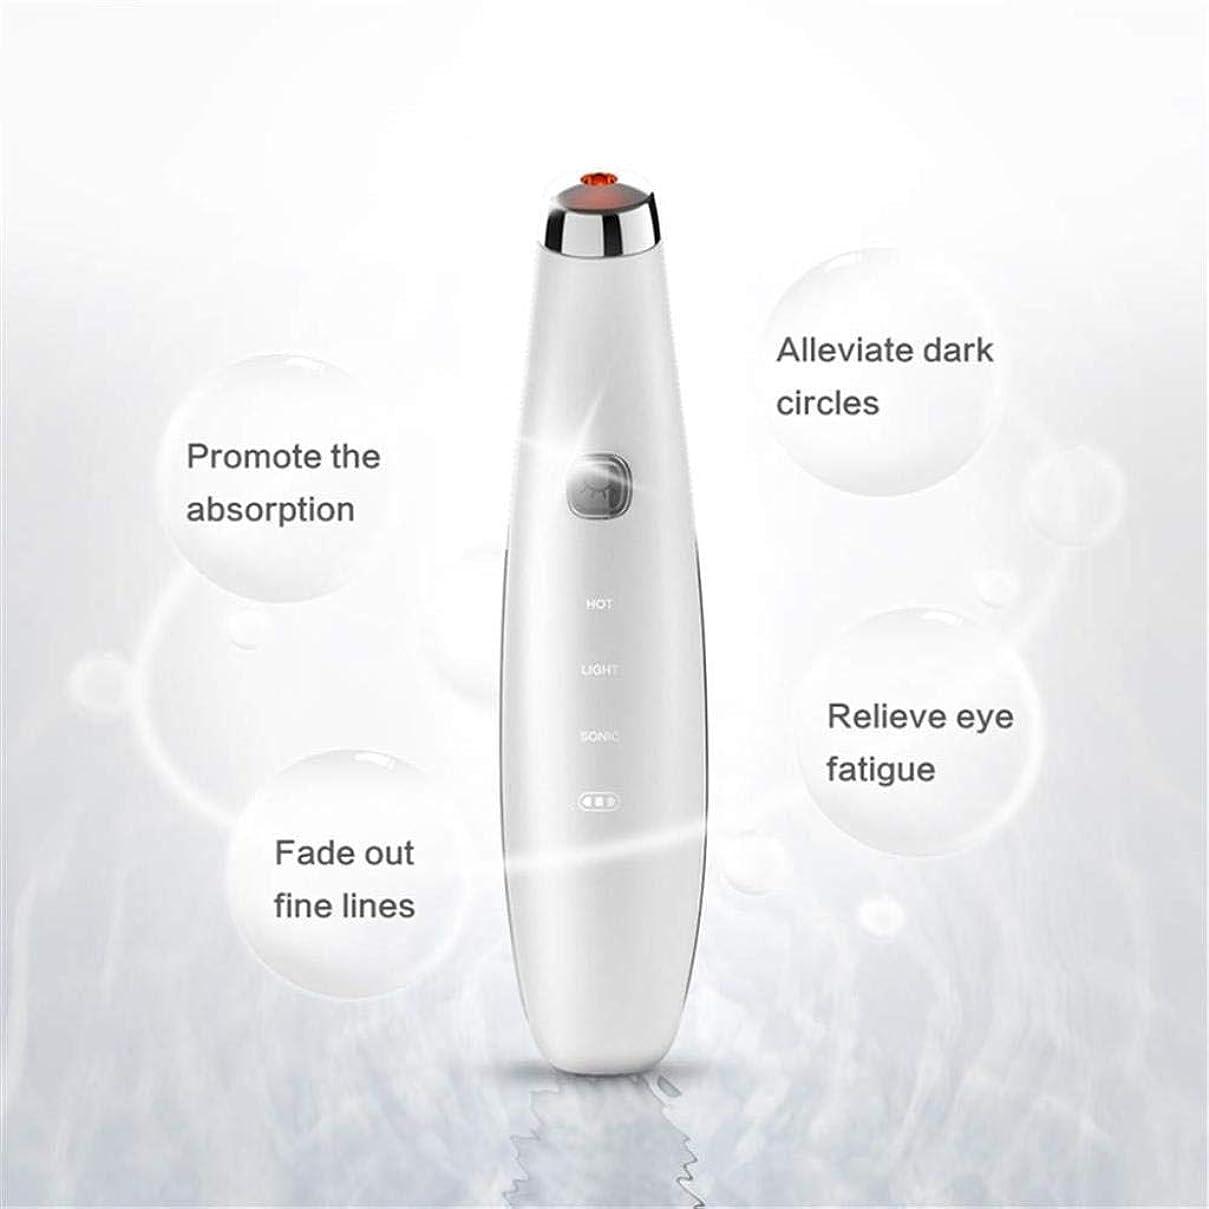 母性回復蒸留アイマッサージャー、磁気アンチエイジングフェイシャルマッサージ、42°恒温熱処理、肌を引き締め、ダークサークルを改善し、目の下の袋、鈍い肌